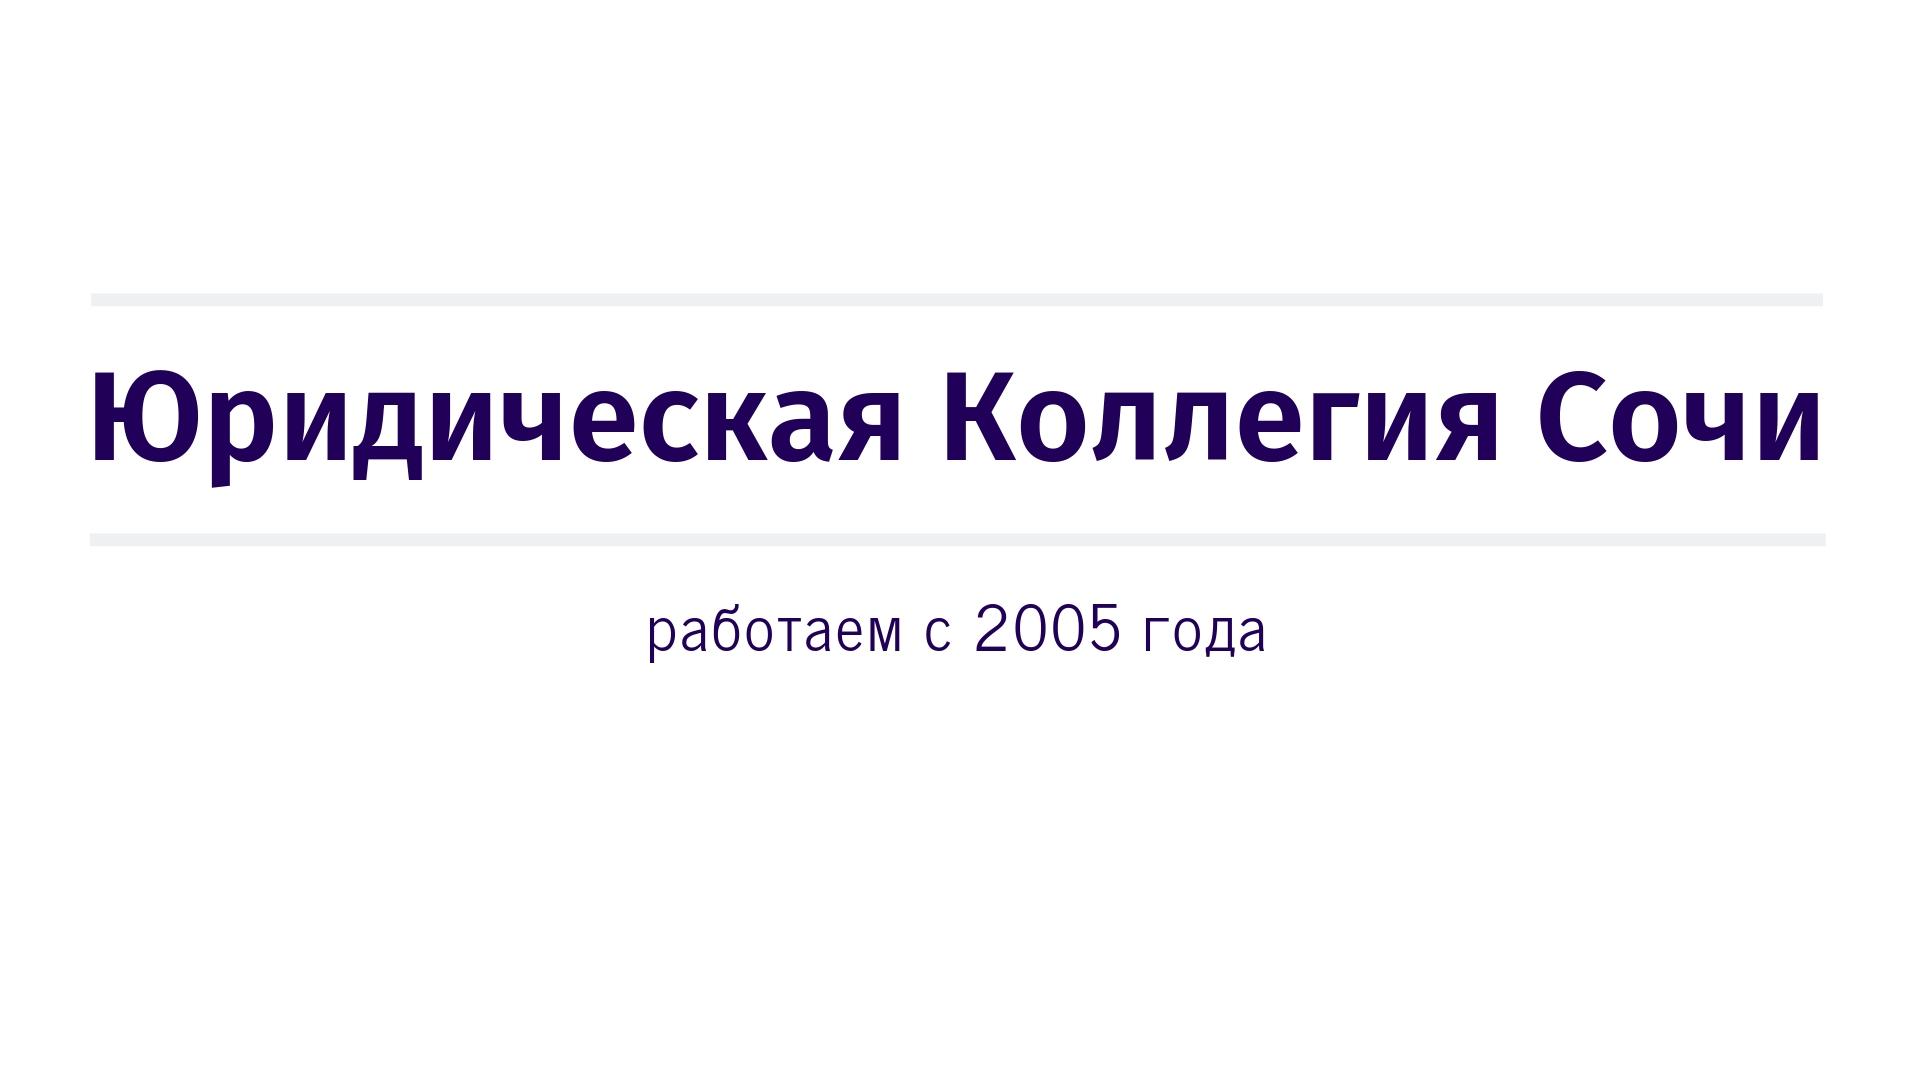 декларация 3 ндфл 2019 образец заполнения